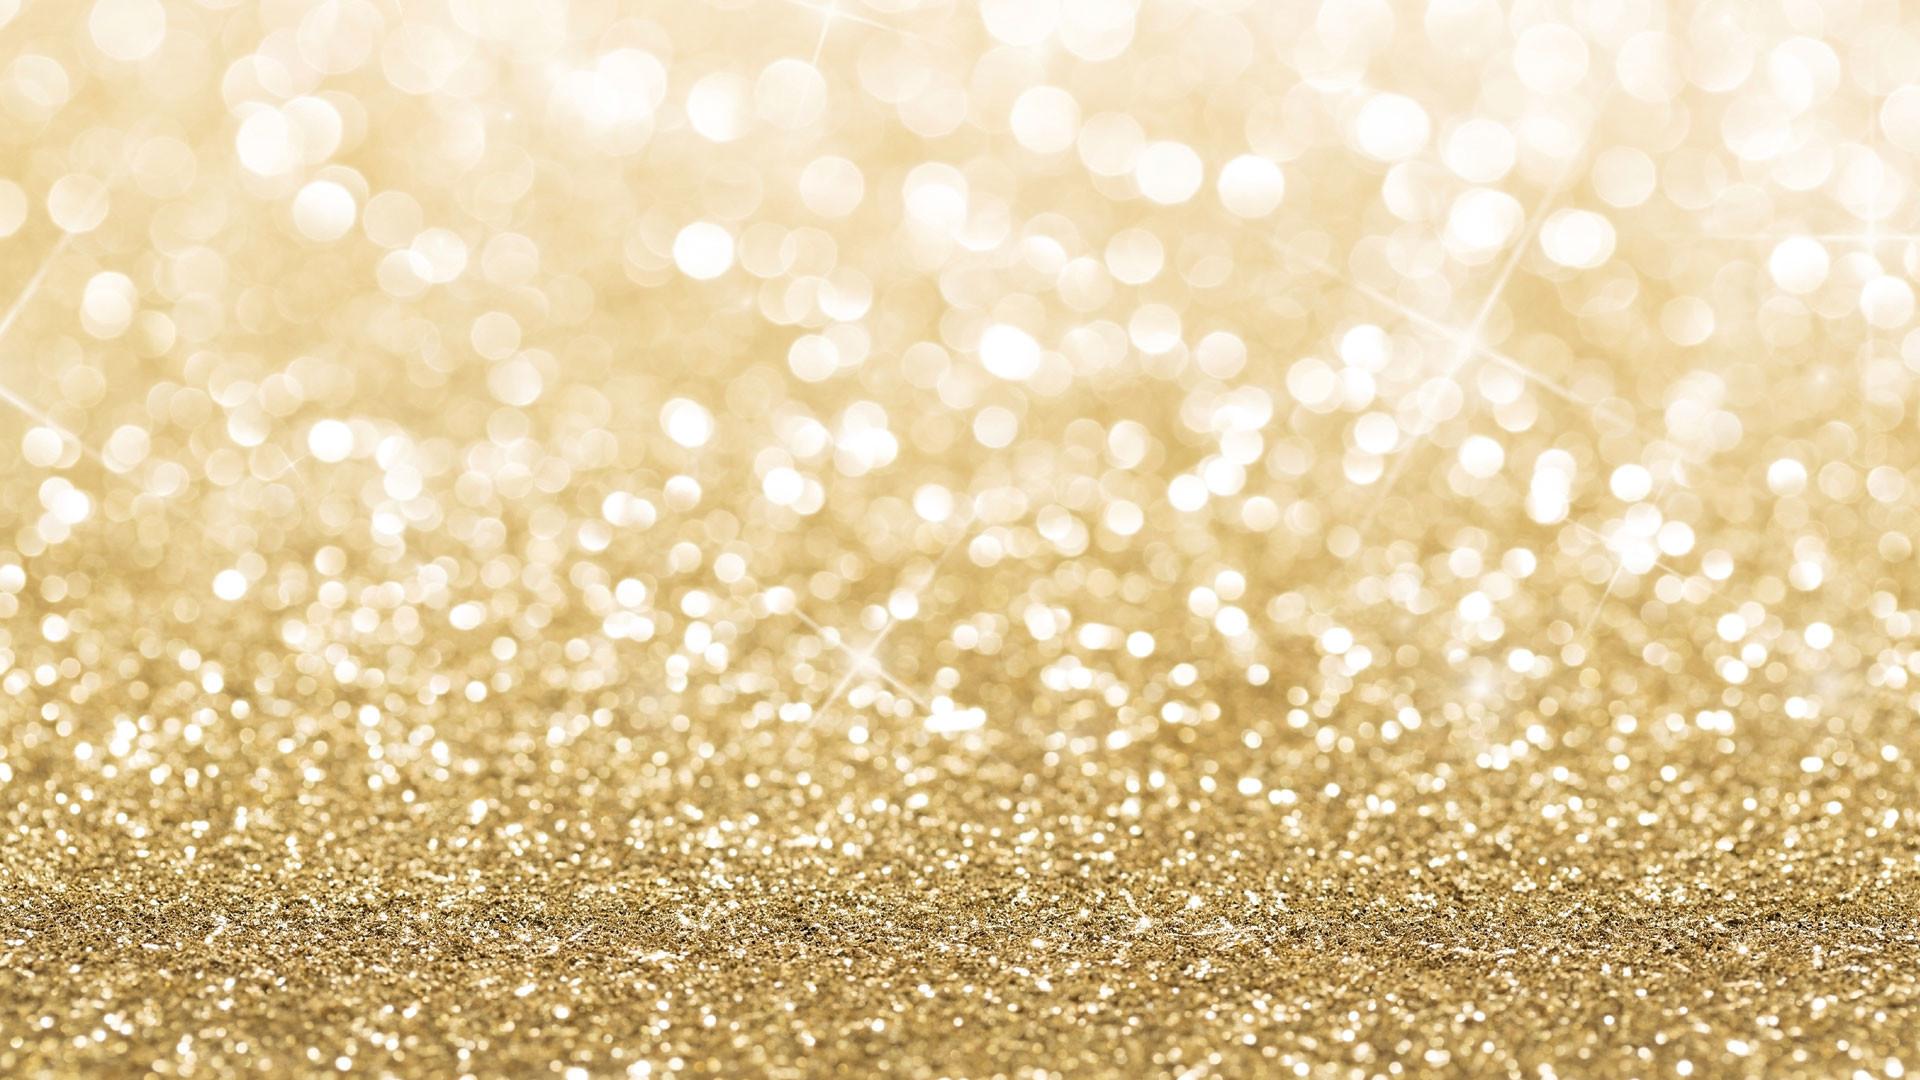 Res: 1920x1080, Gold Sparkle Desktop Backgrounds Hd Die 76 Besten Glitzer Hintergrundbilder  Hd Of Gold Sparkle Desktop Backgrounds